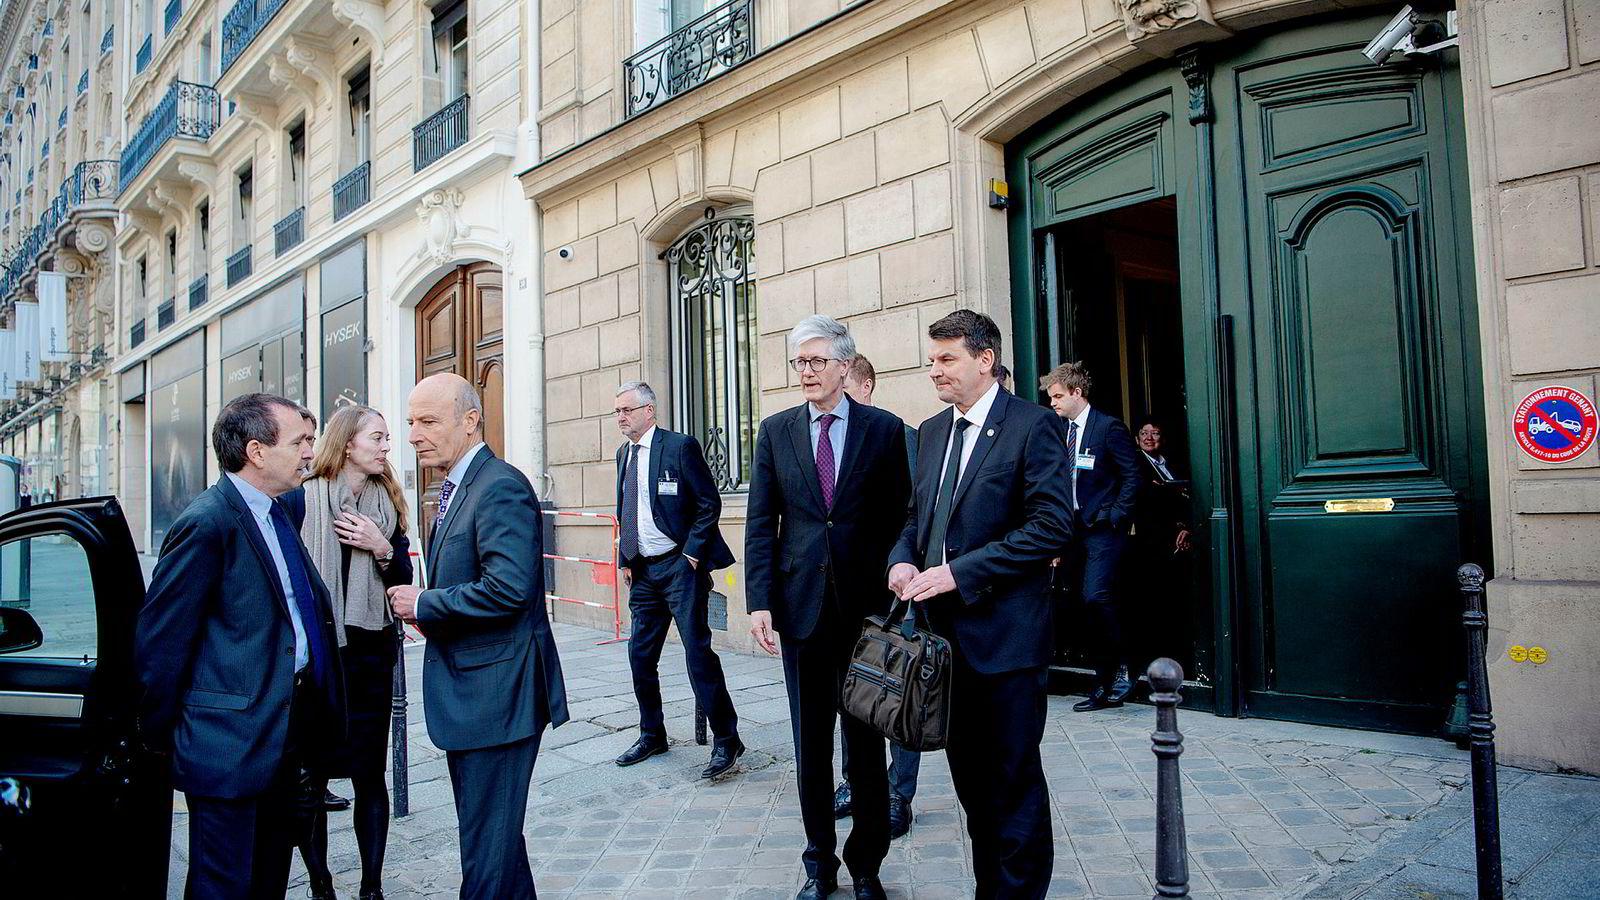 Statsråd Tor Mikkel Wara er en av flere statsråder som har vært i utlandet. Her er han i Frankrike i år. Ifølge svaret til Stortinget hadde han imidlertid ikke med seg tjenesteutstyr.